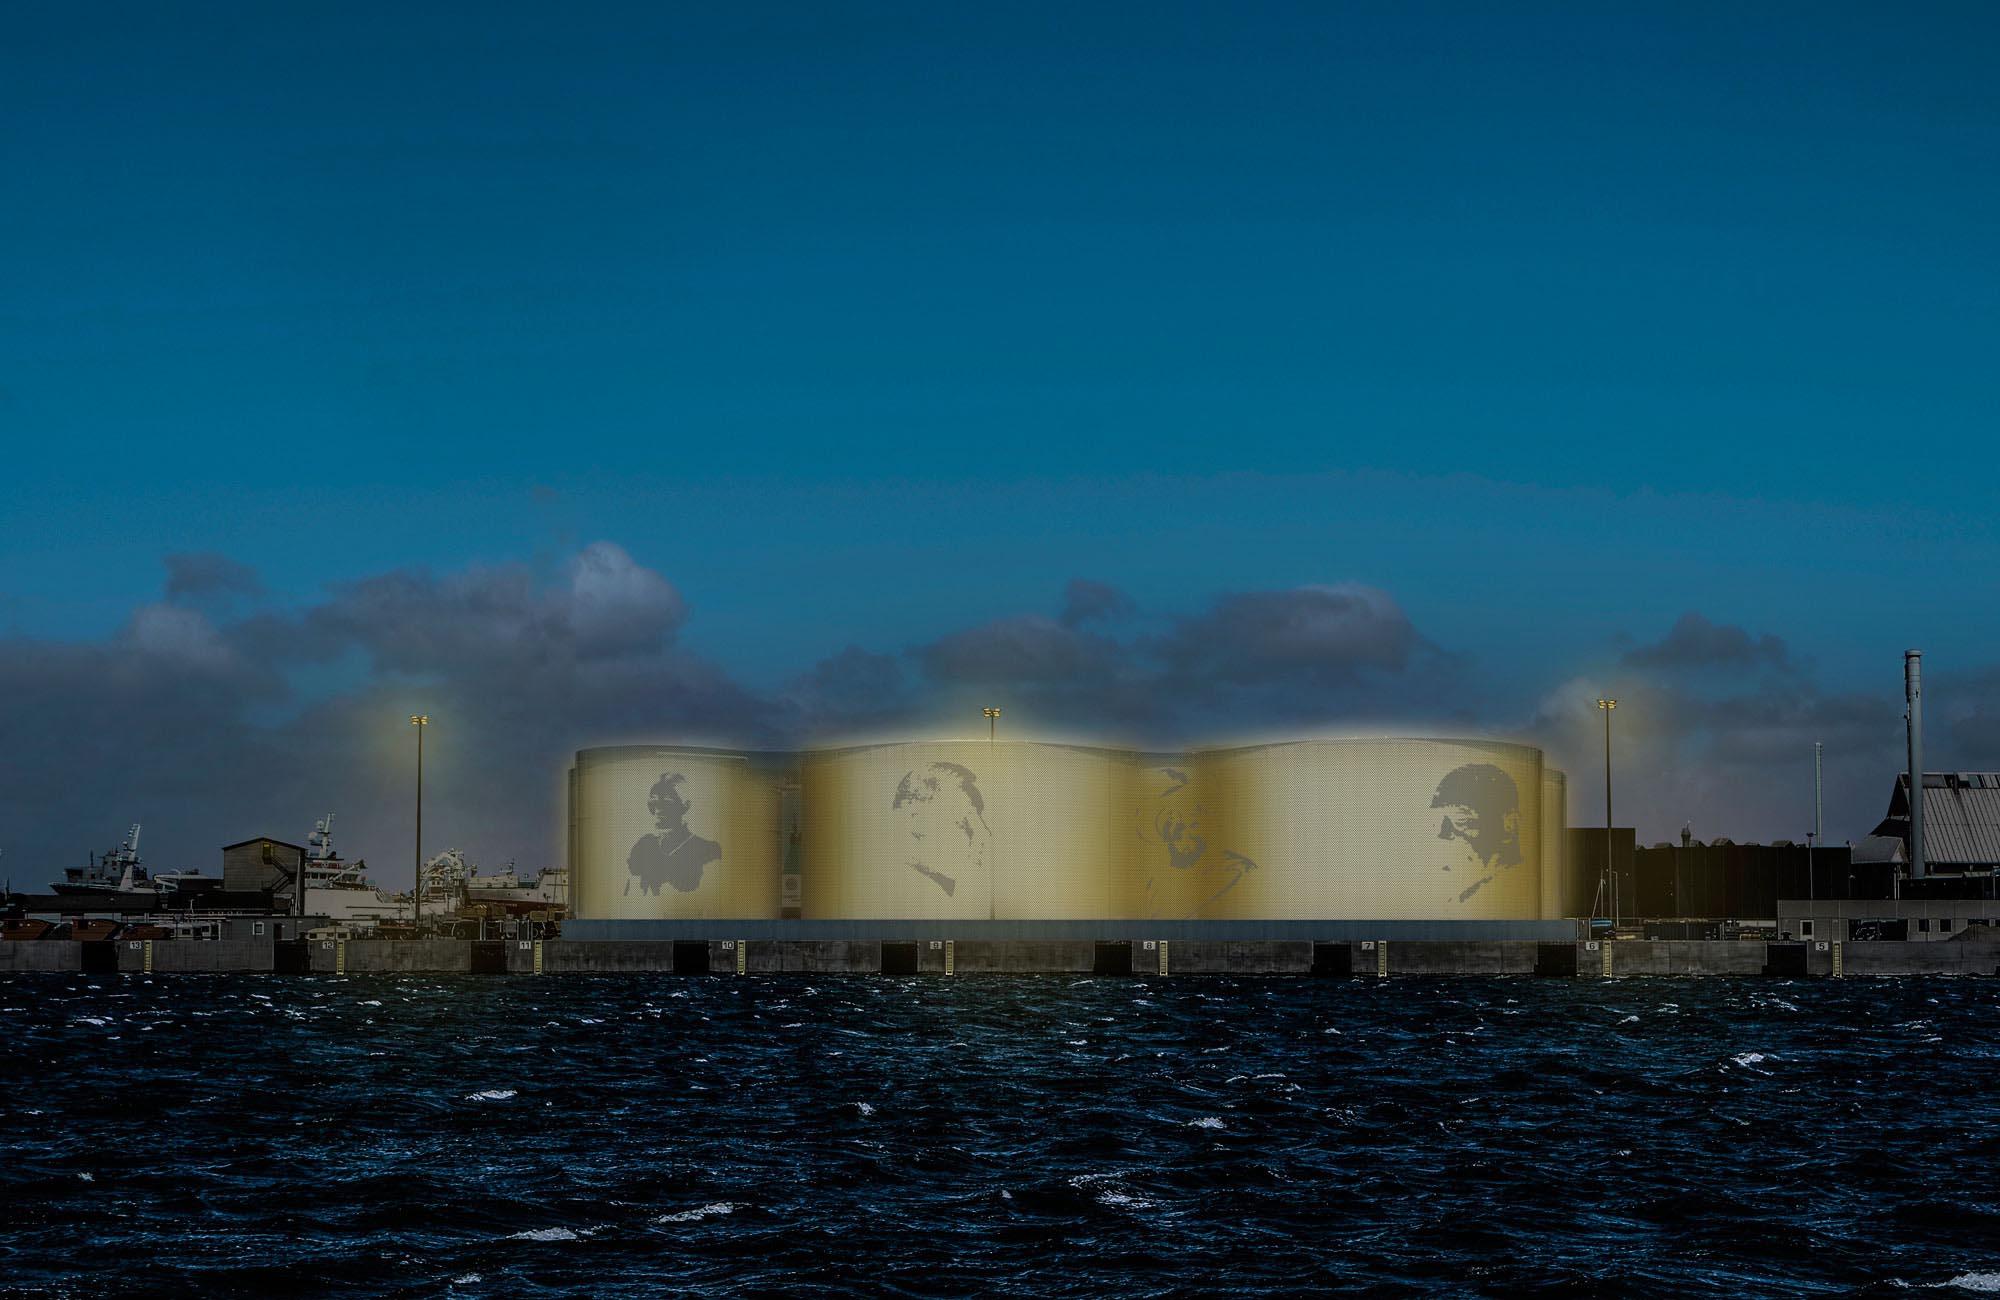 Udsmykning af olietanke, Skagen Havn